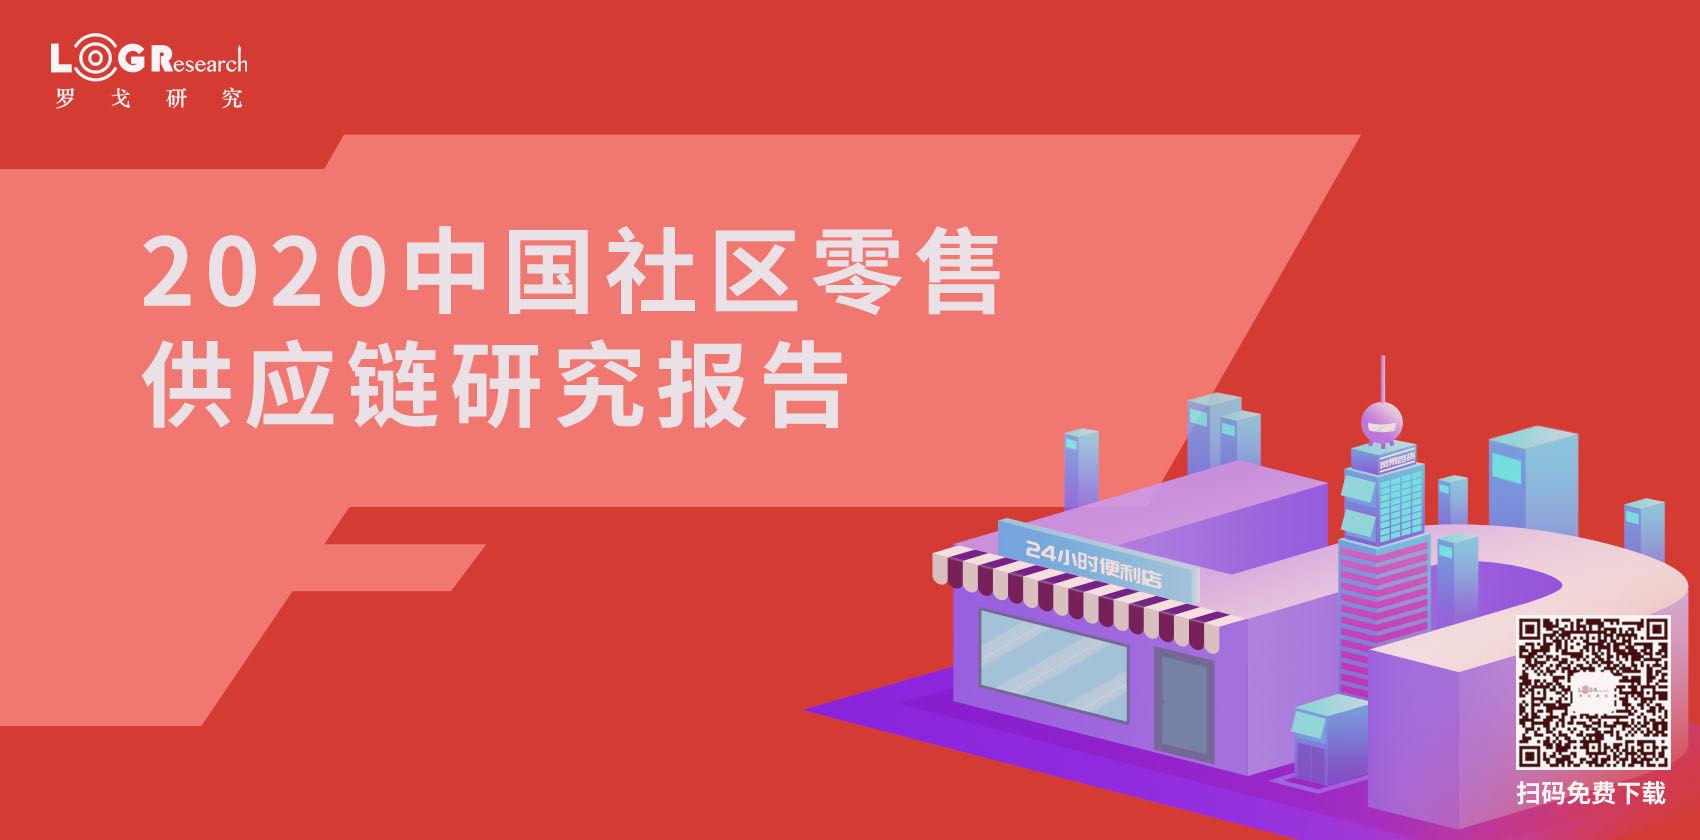 2020中國社區零售供應鏈研究報告